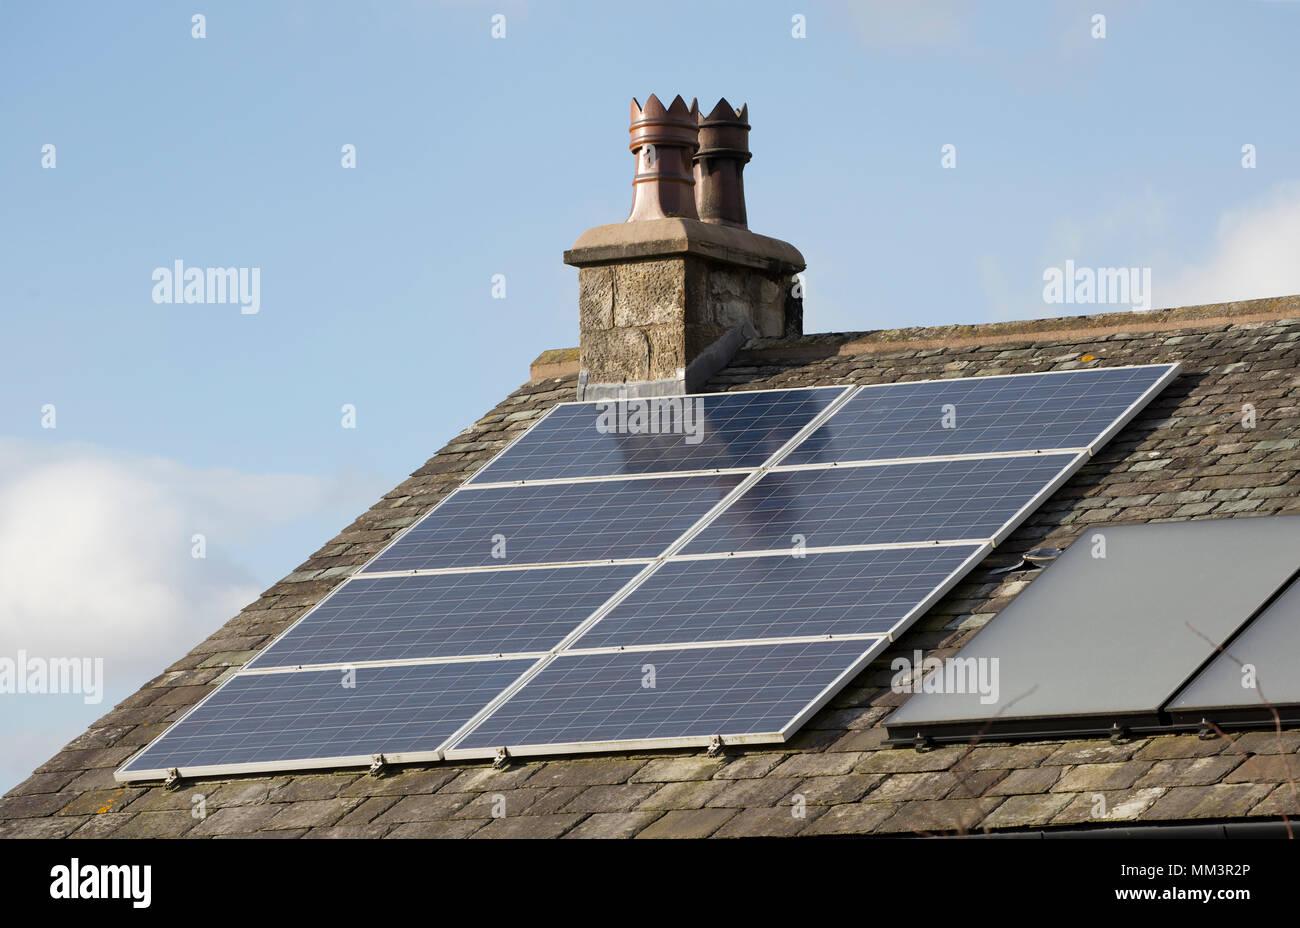 Pannelli solari sul tetto di una casa accanto al camino tradizionale pots. Nord Inghilterra Dorset Regno Unito Immagini Stock